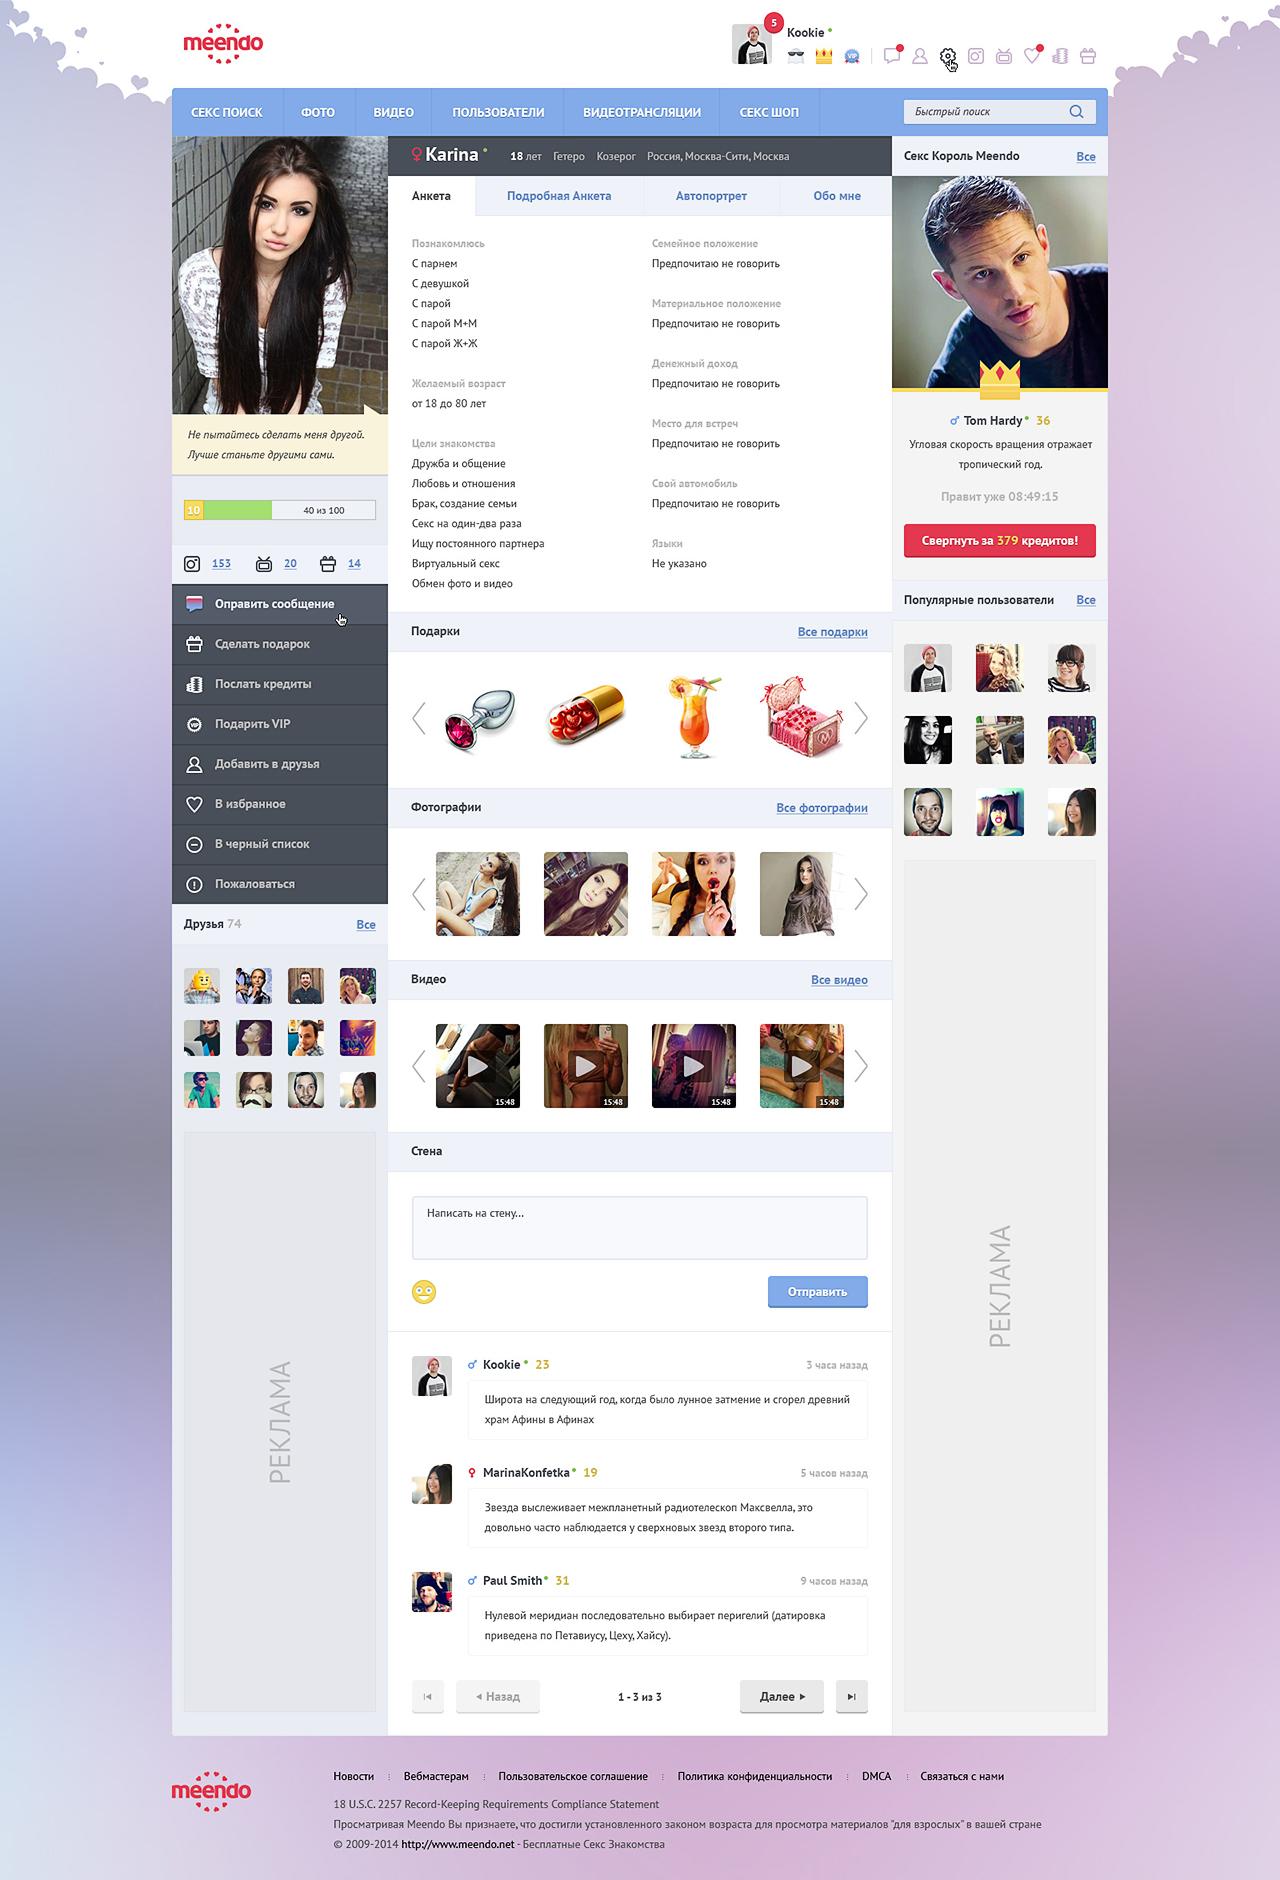 Meendo - Социальная сеть для взрослых